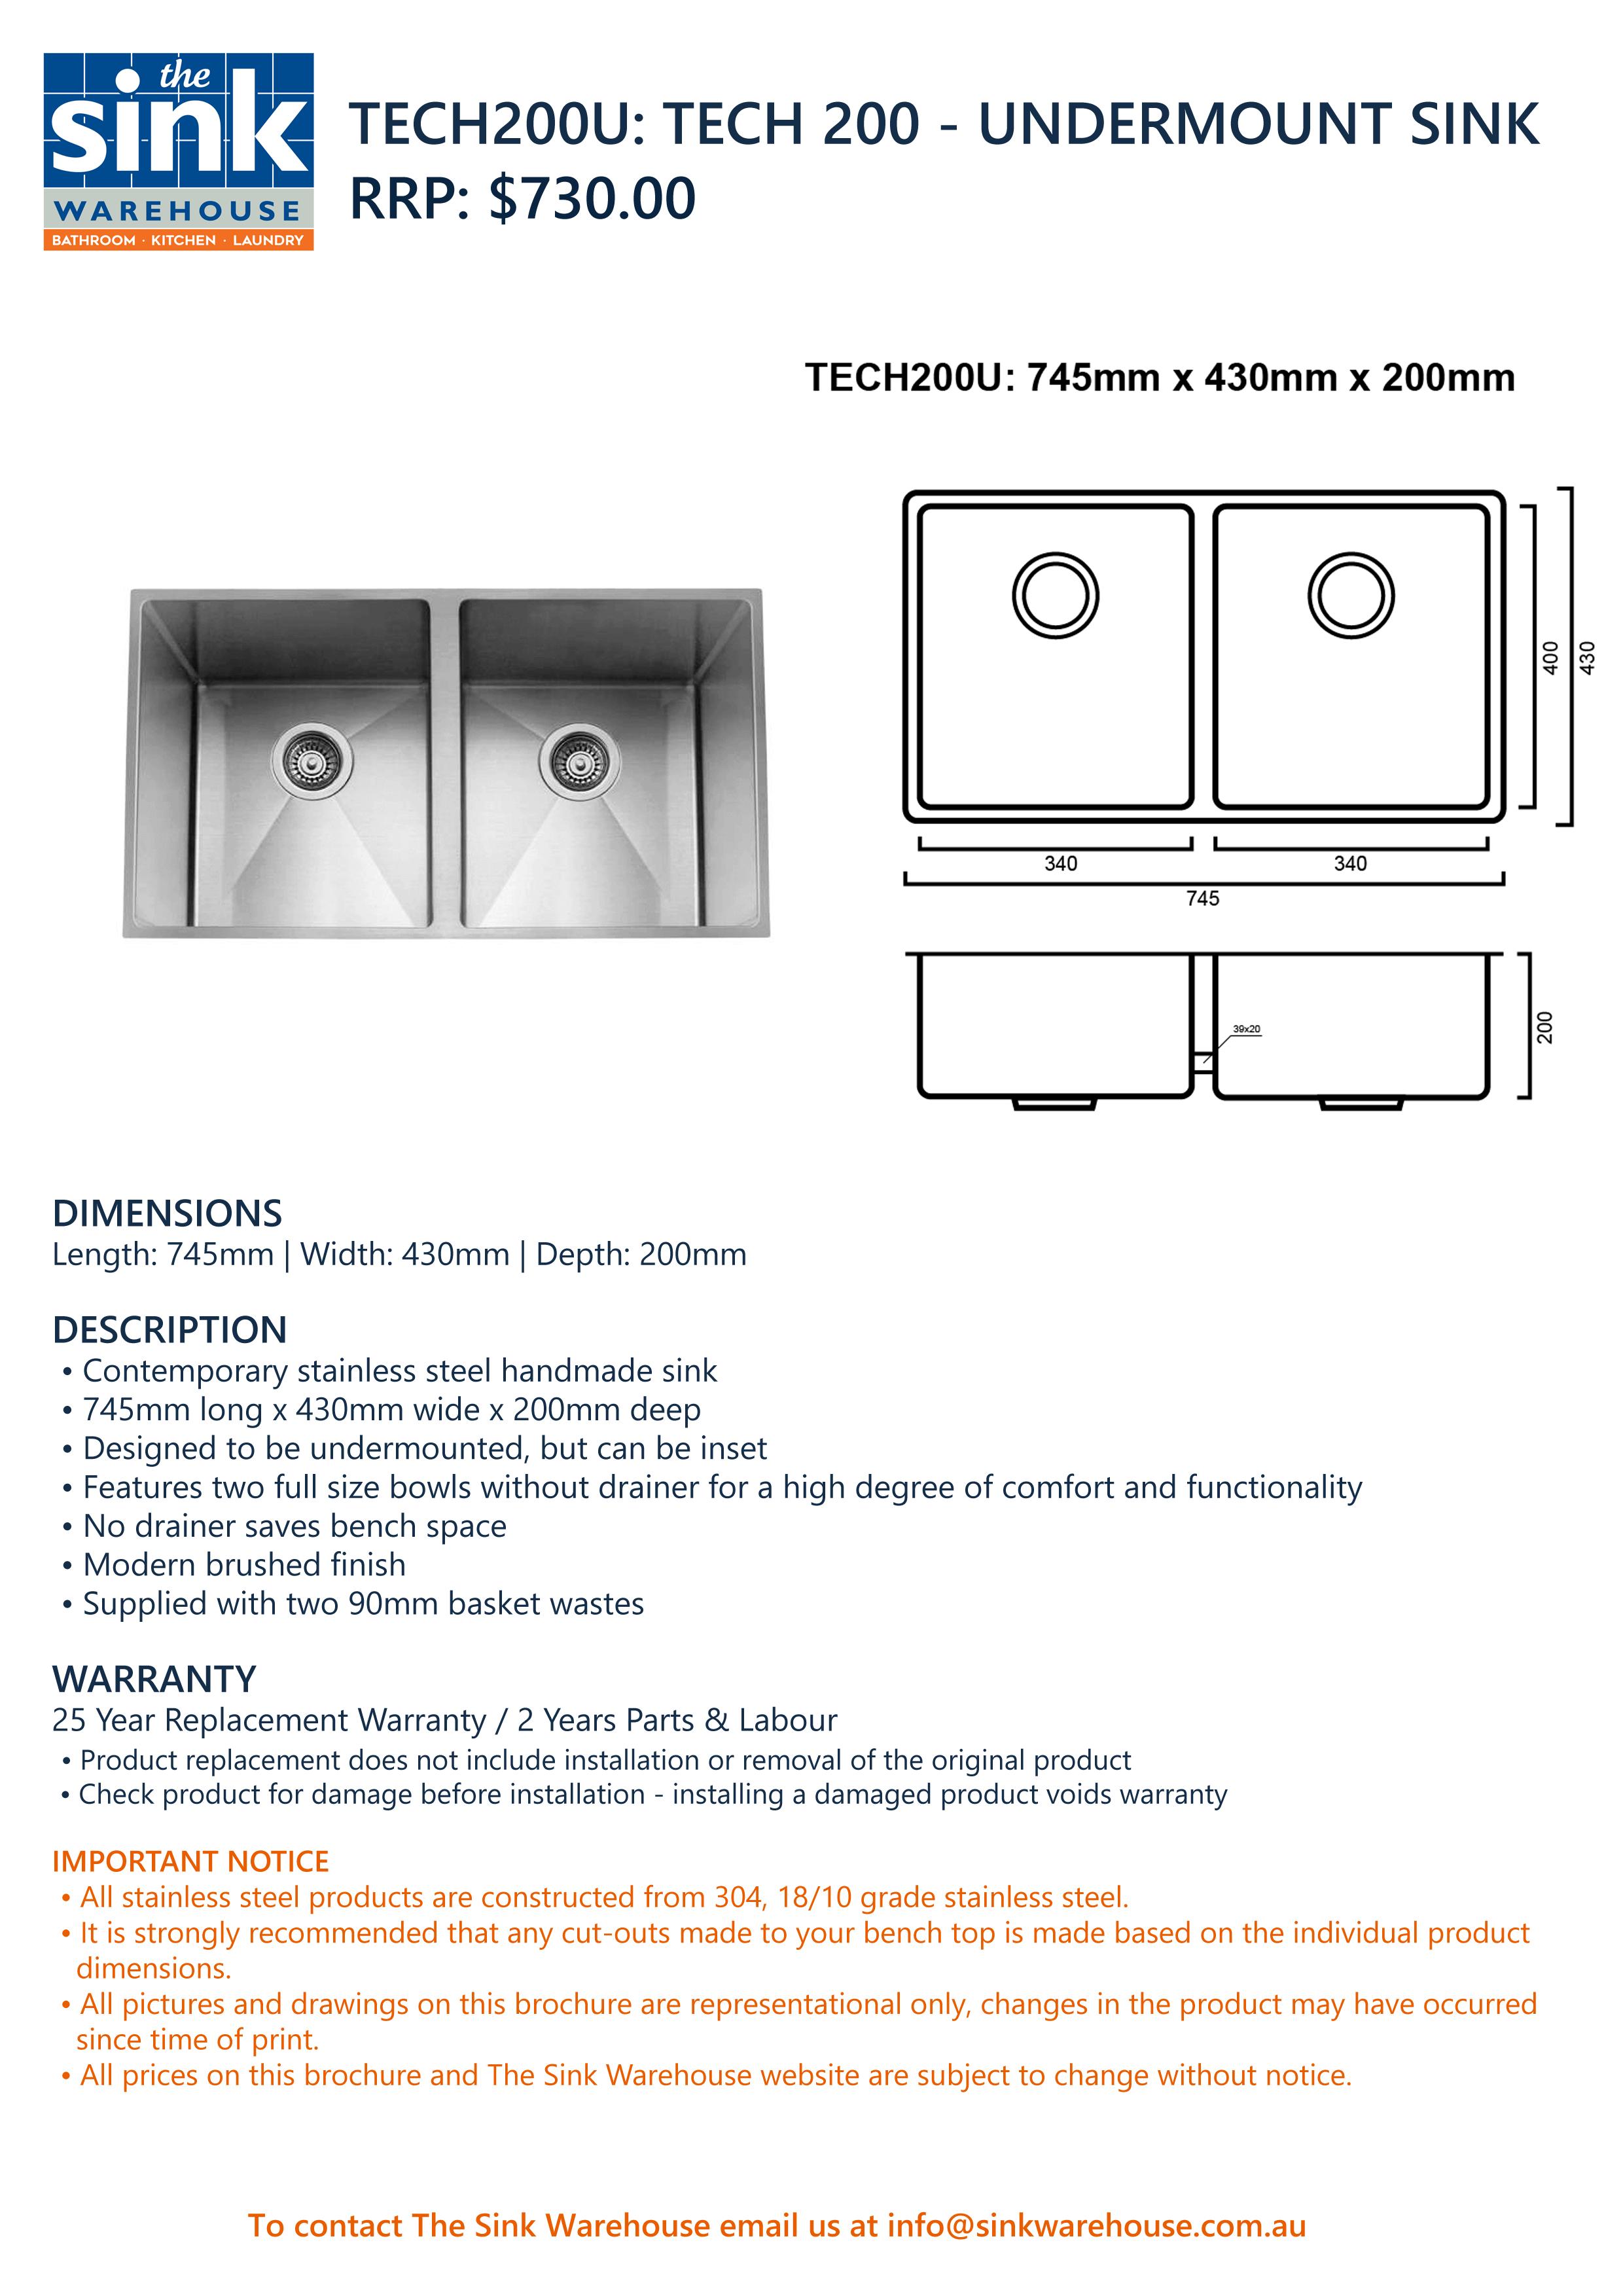 Tech 200U Sink